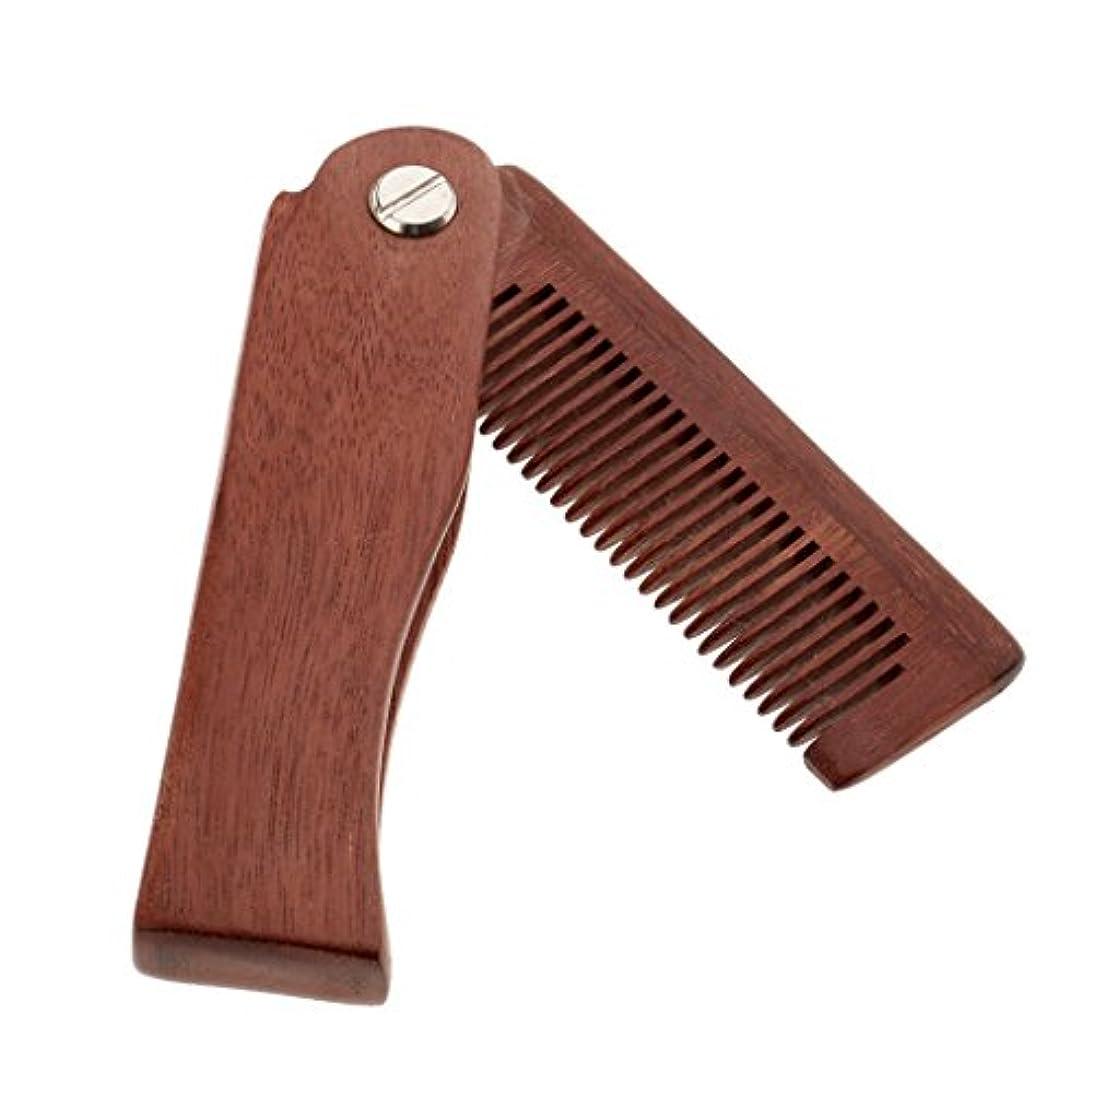 世界的に科学者なくなるB Blesiya ひげ剃り櫛 コーム 木製櫛 折りたたみ メンズ 毛ひげの櫛